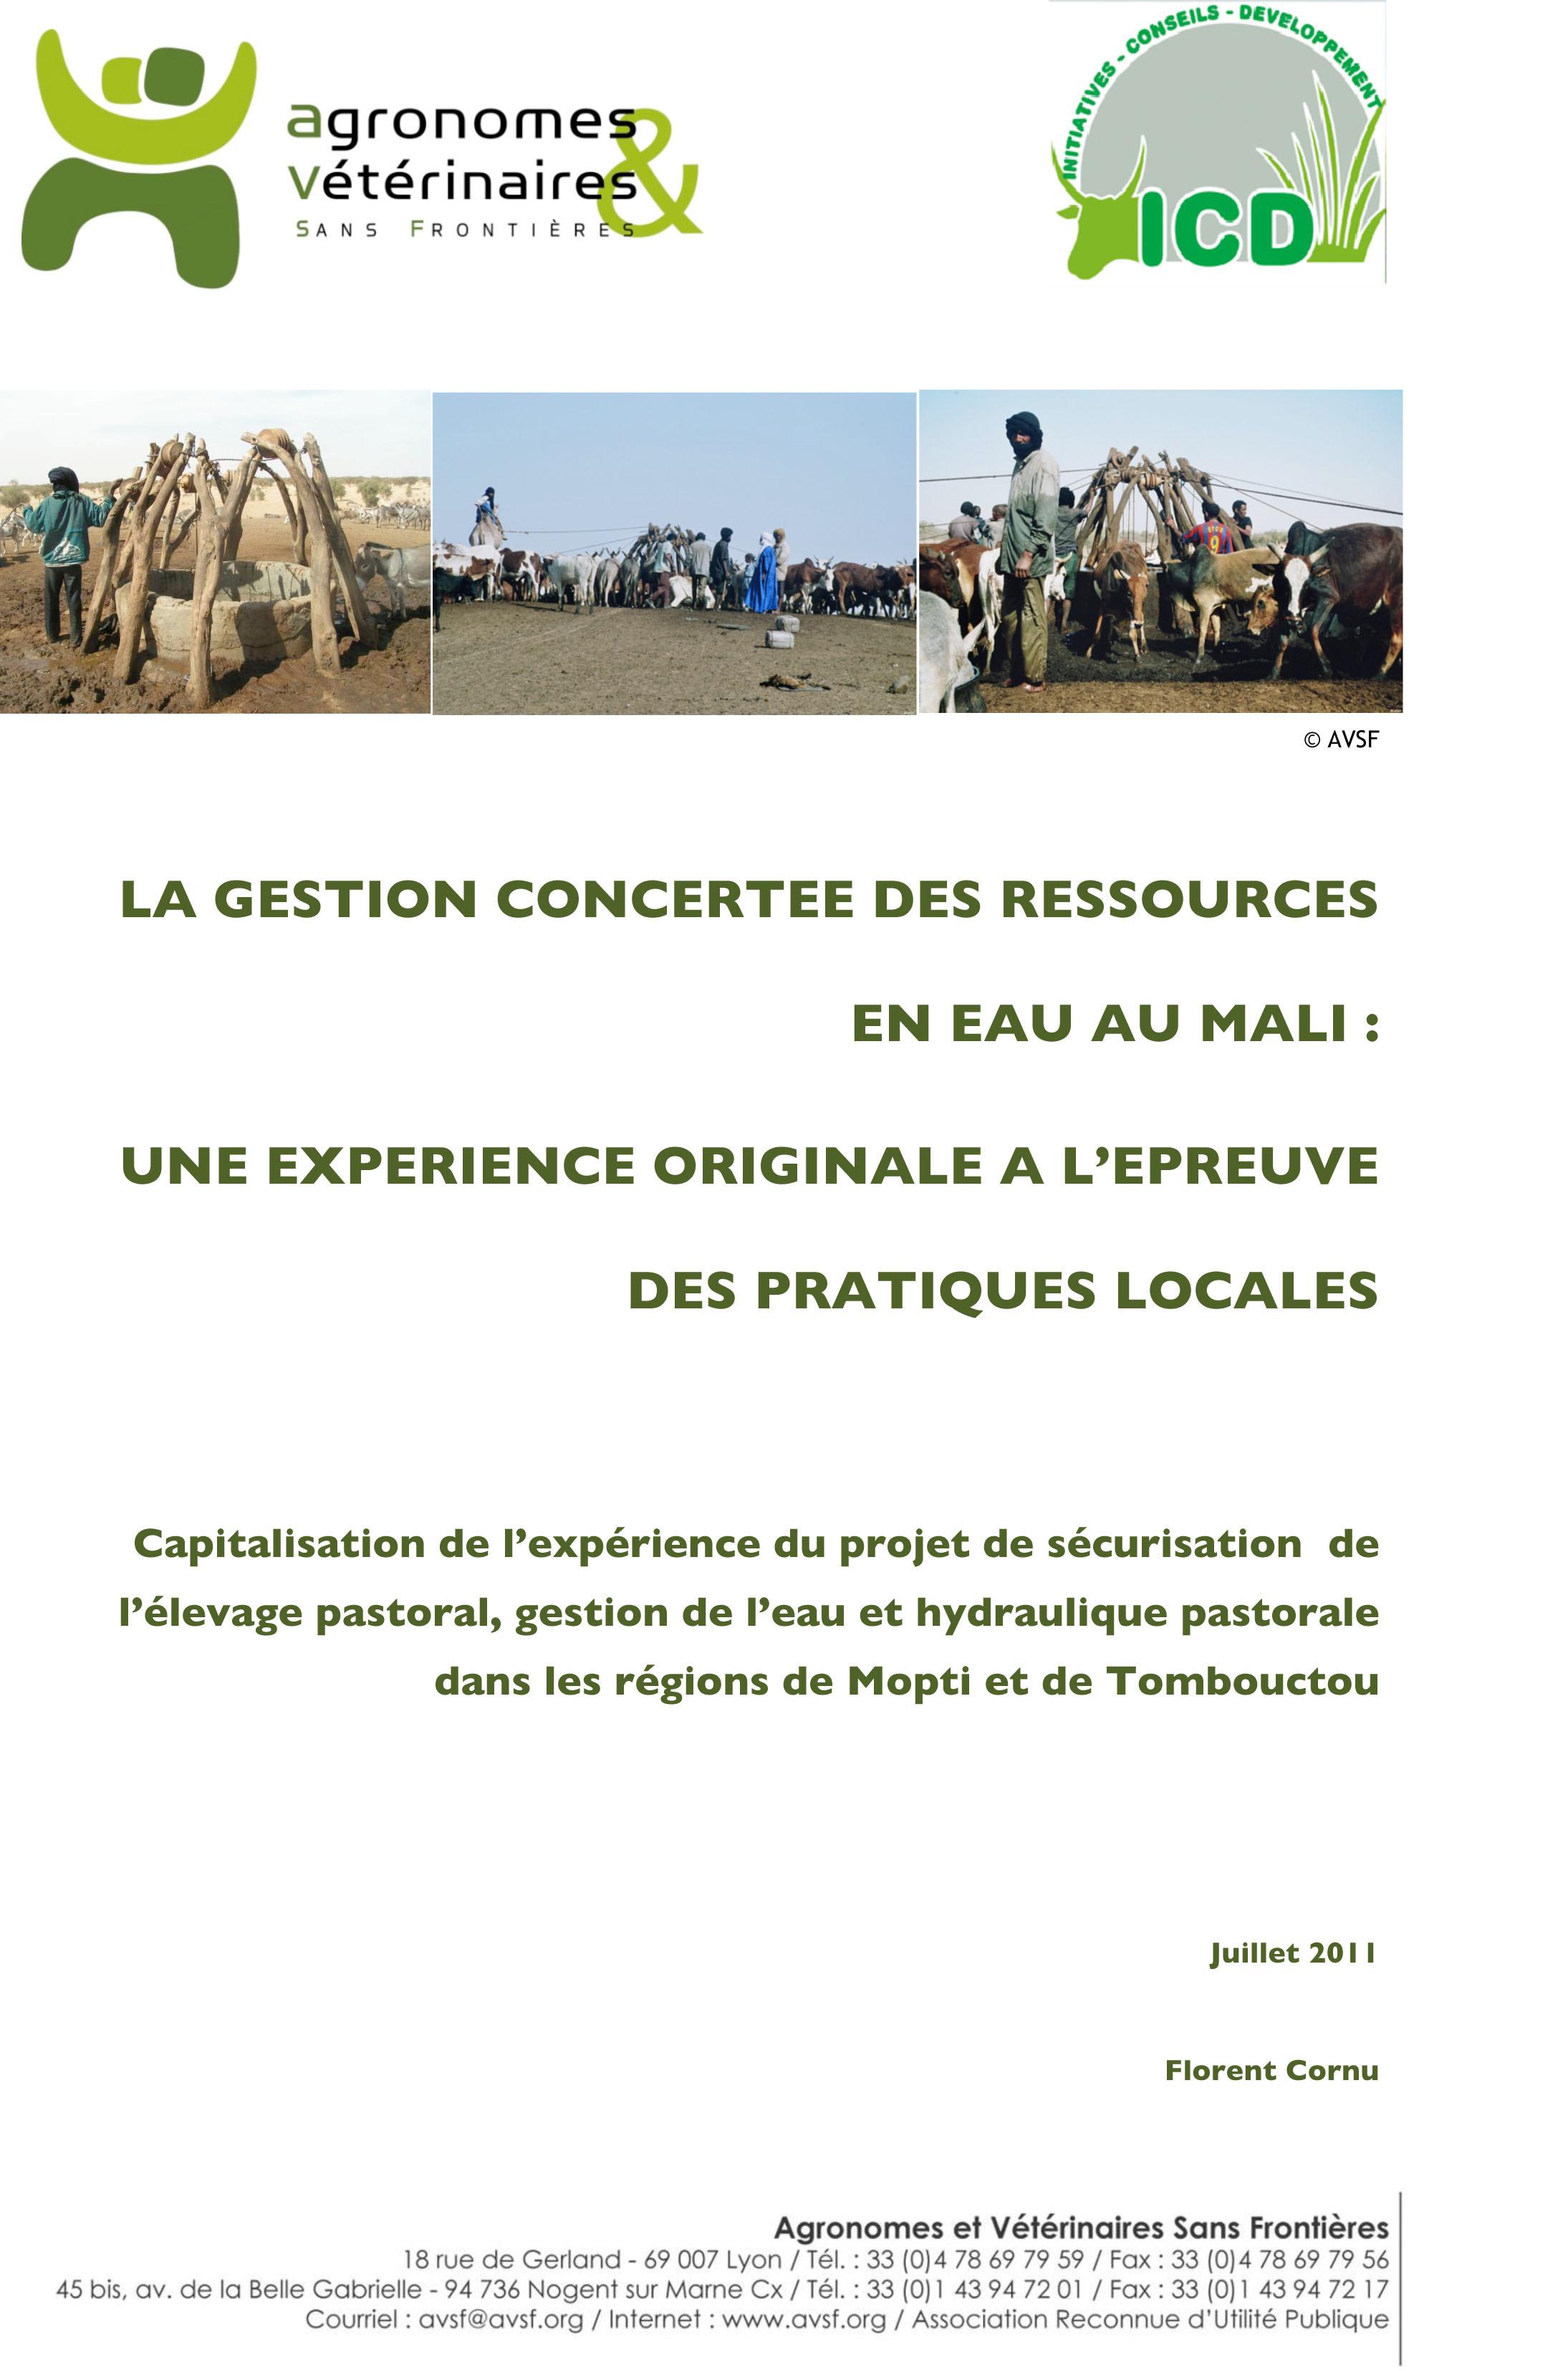 Thumbnail - Gestion concertée des ressources en eau au Mali : une expérience originale à l'épreuve des pratiques locales